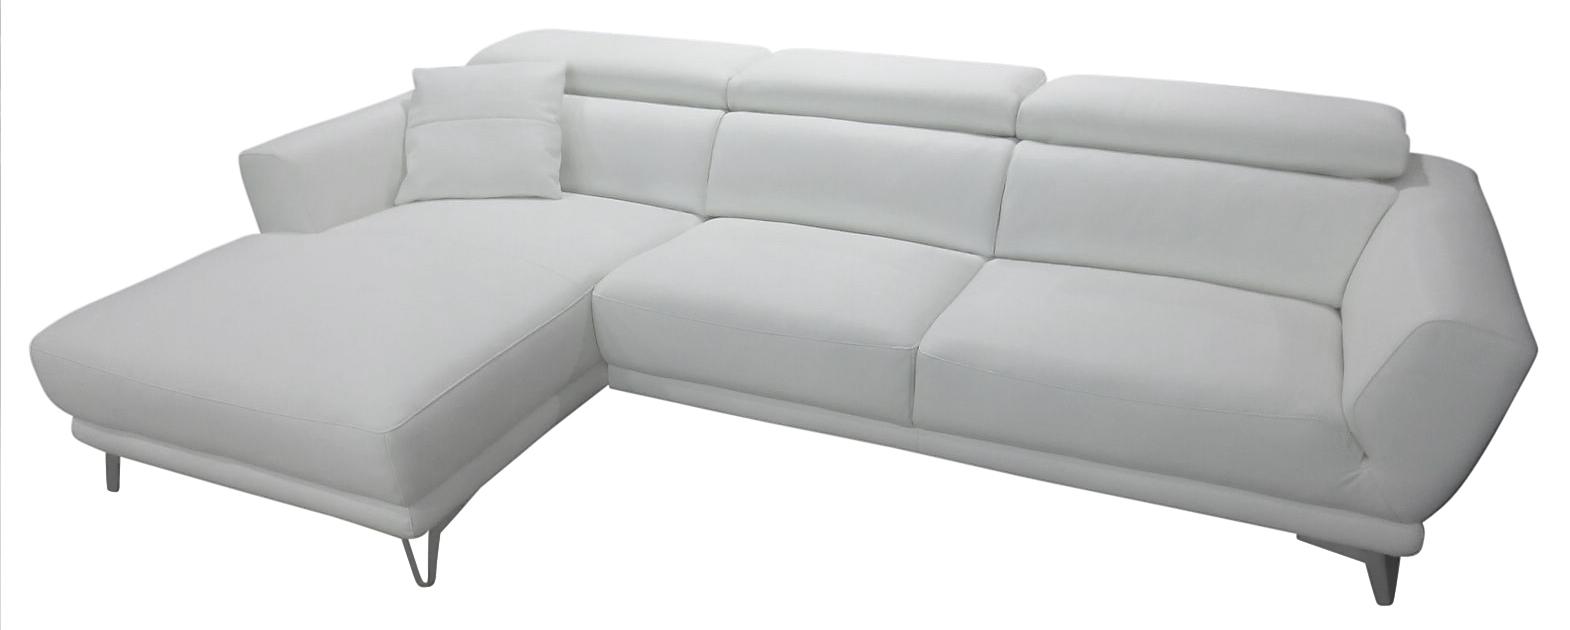 611ebd6bb22 Imola chaiselong hvid læder venstrevendt, køb din nye Imola ...